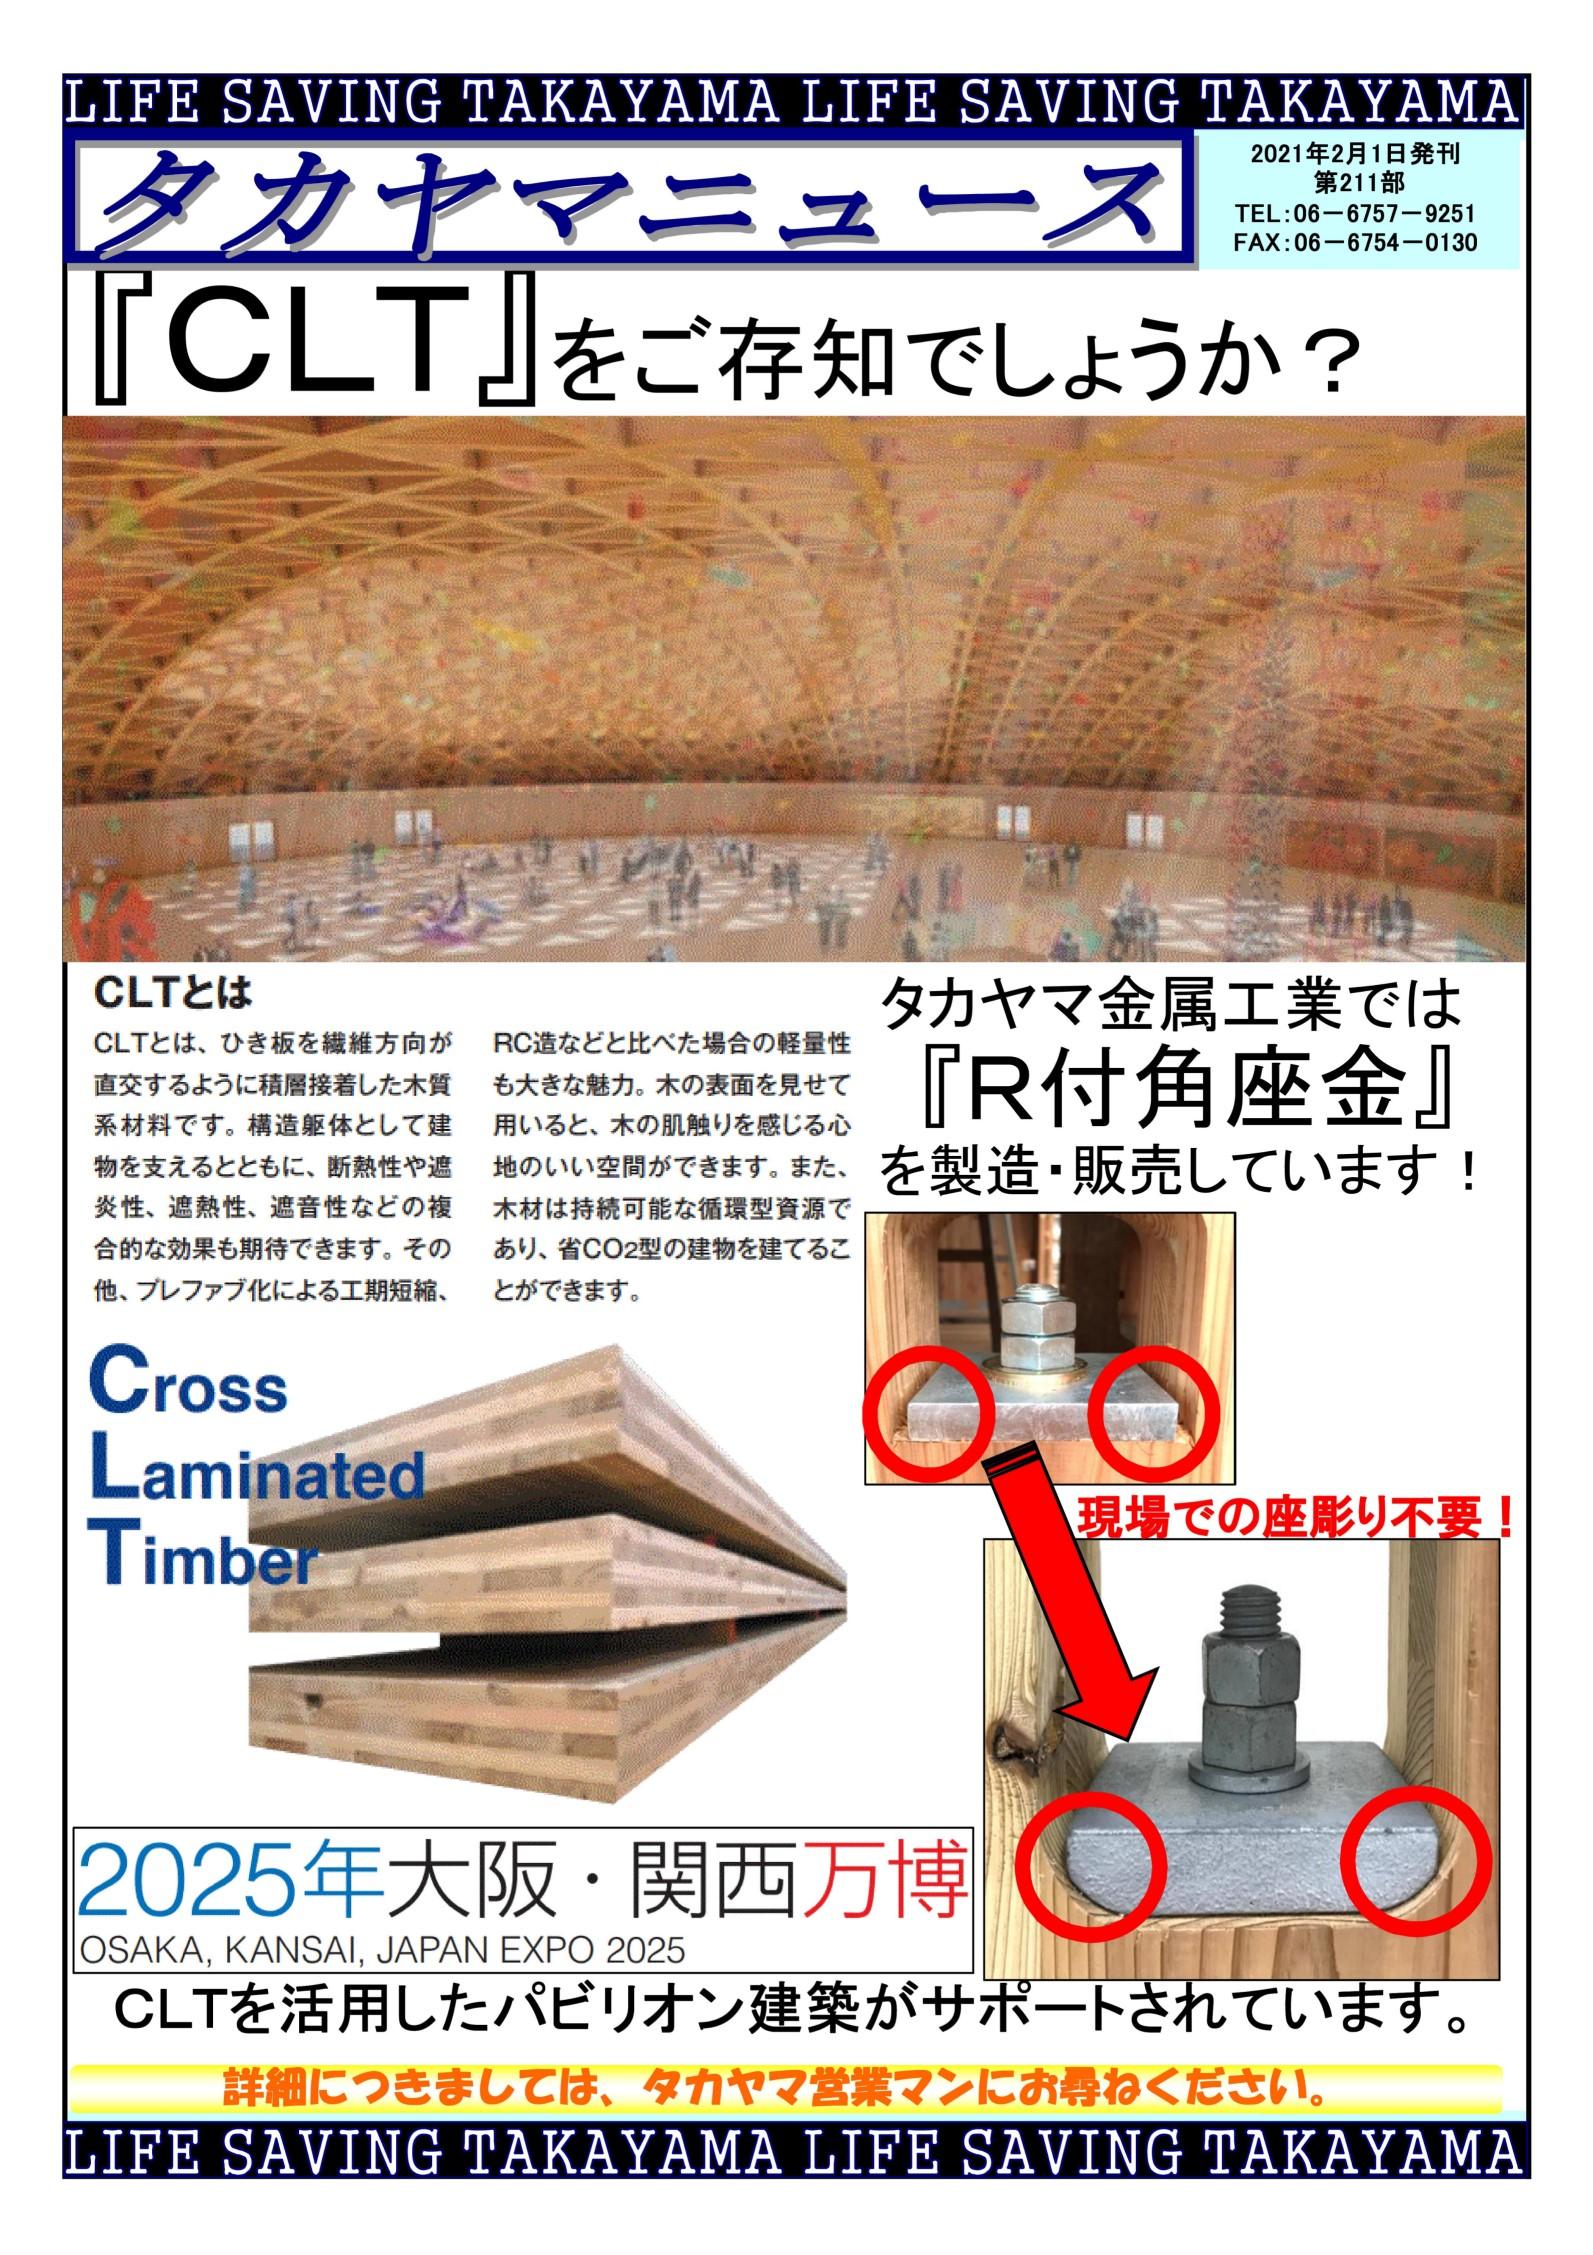 タカヤマニュース:第211号 西日本:CLT 2月